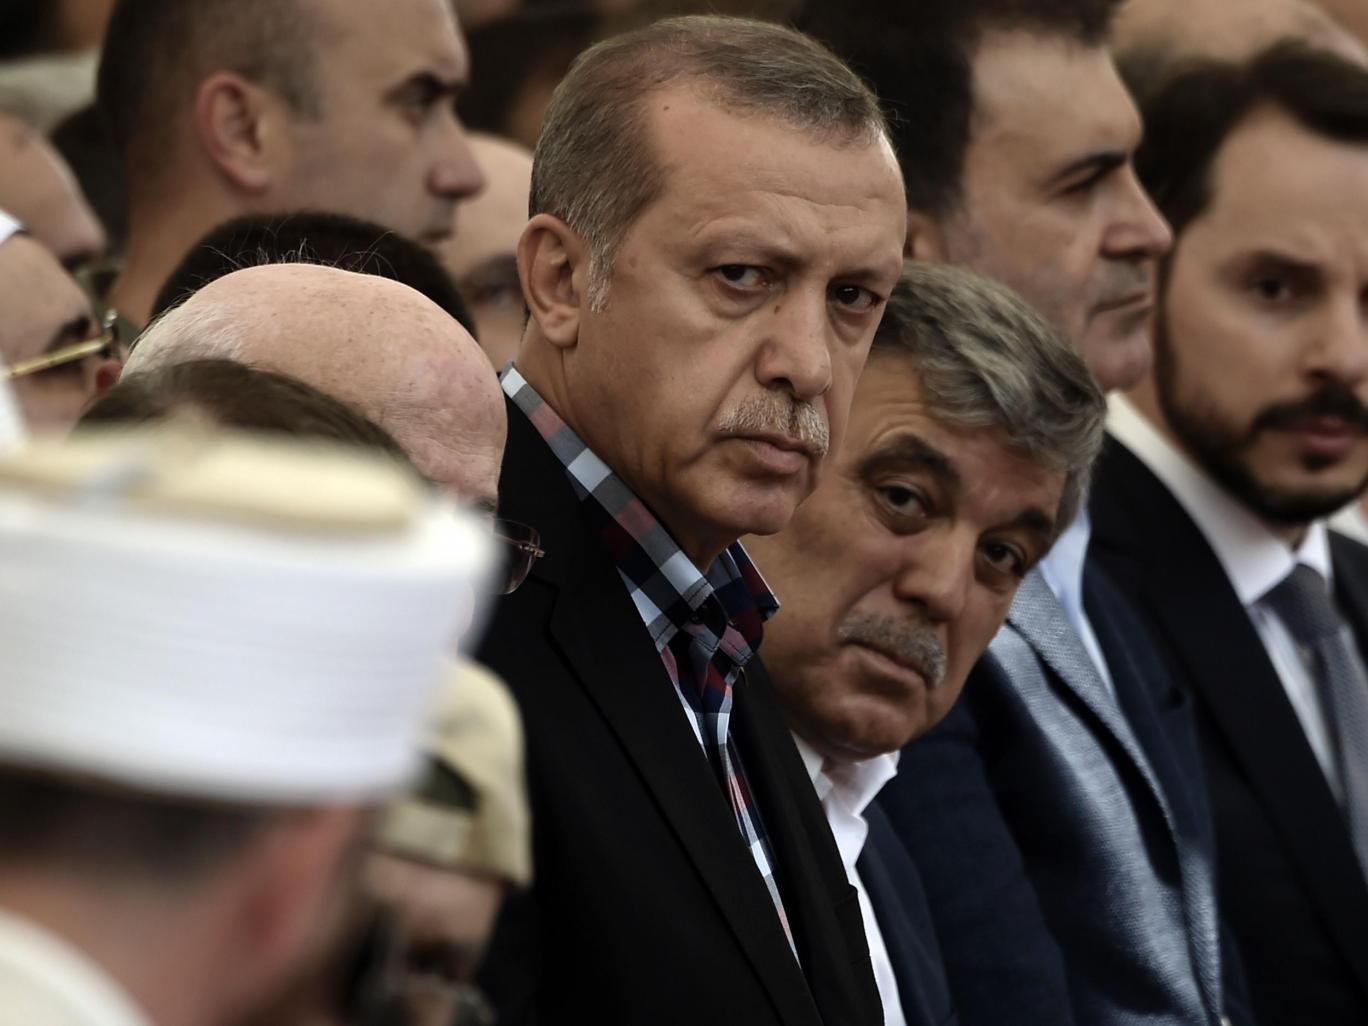 ویکیلیکس بخشی از اسناد محرمانۀ دولت ترکیه را منتشر کرد